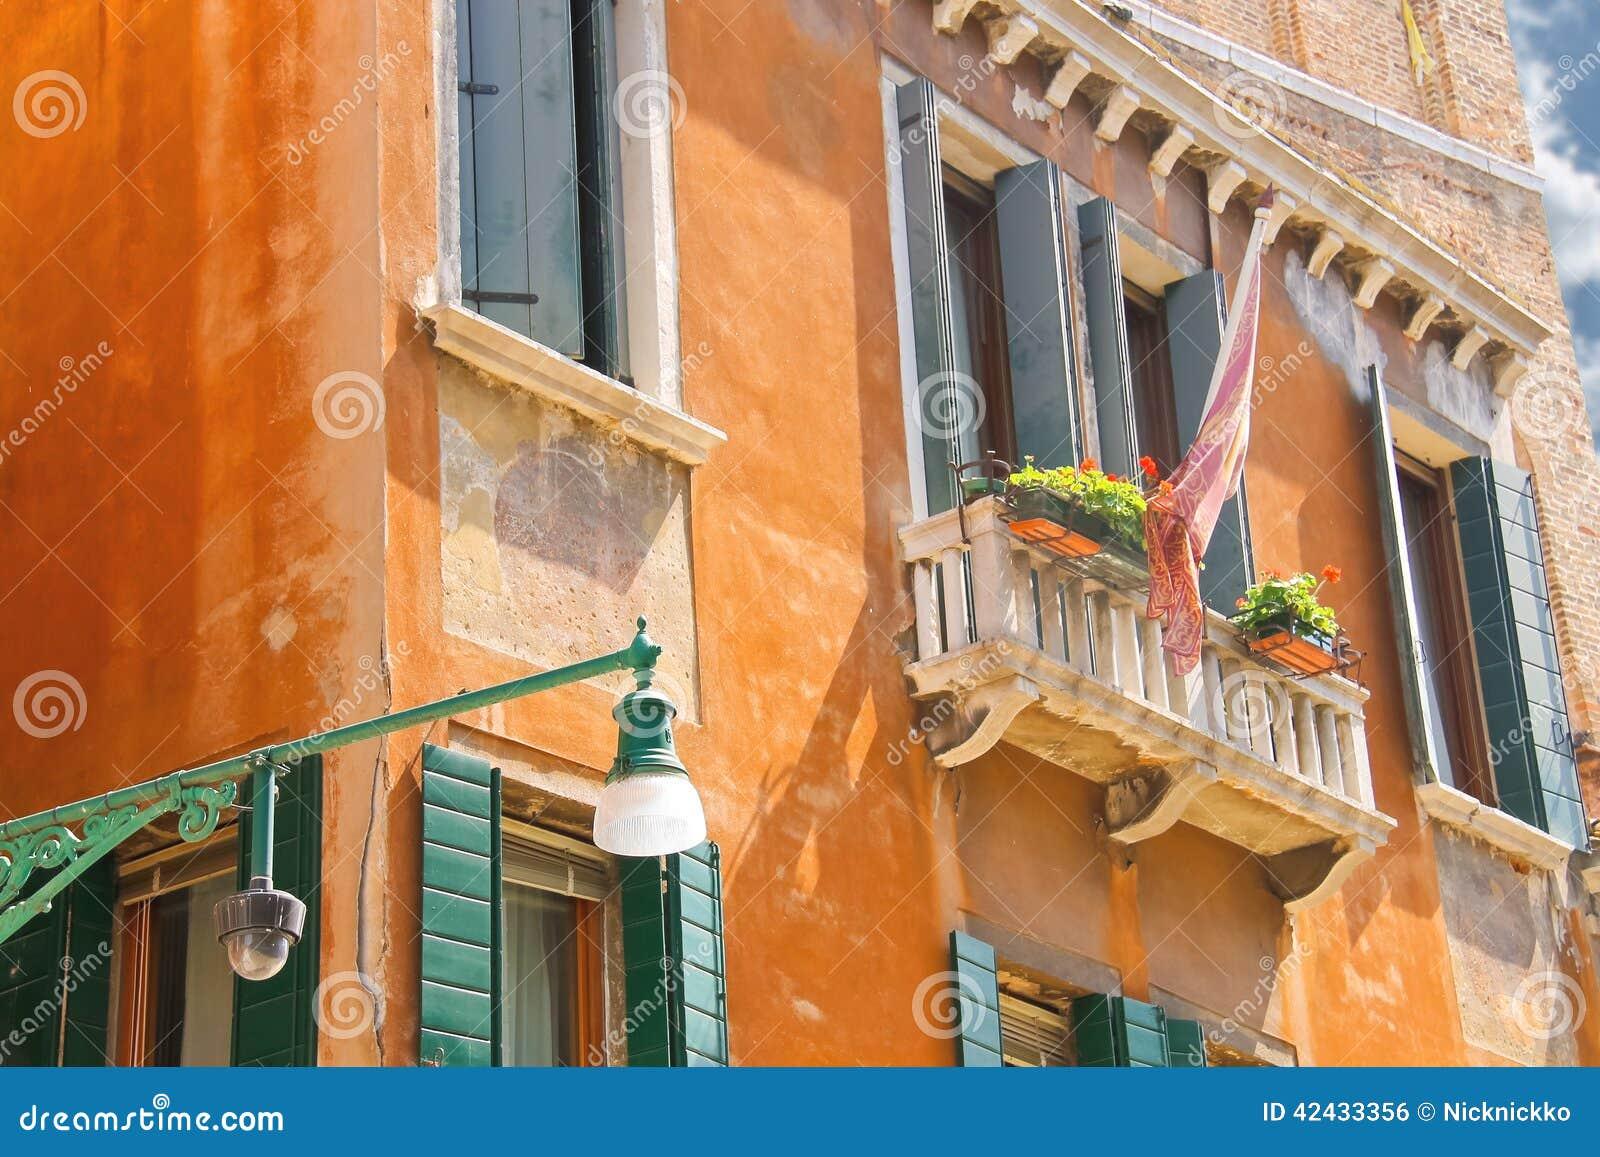 Linterna en una fachada de casas pintorescas en Venecia